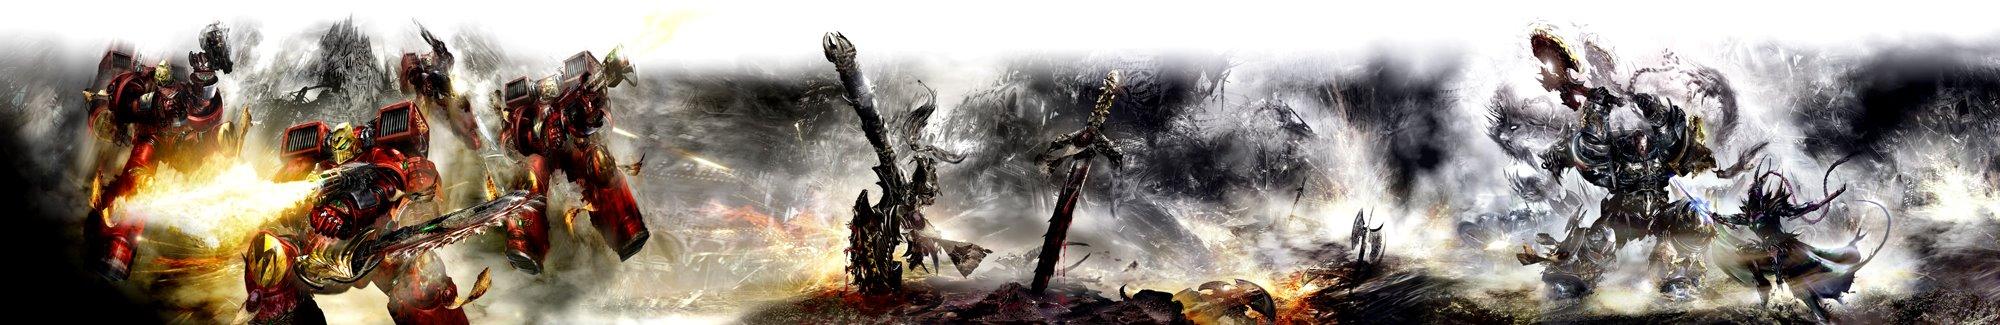 [Space Marine Battles] Bloodspire & Deathwolf (audio dramas) 379647Bloodspireanddeathwolf